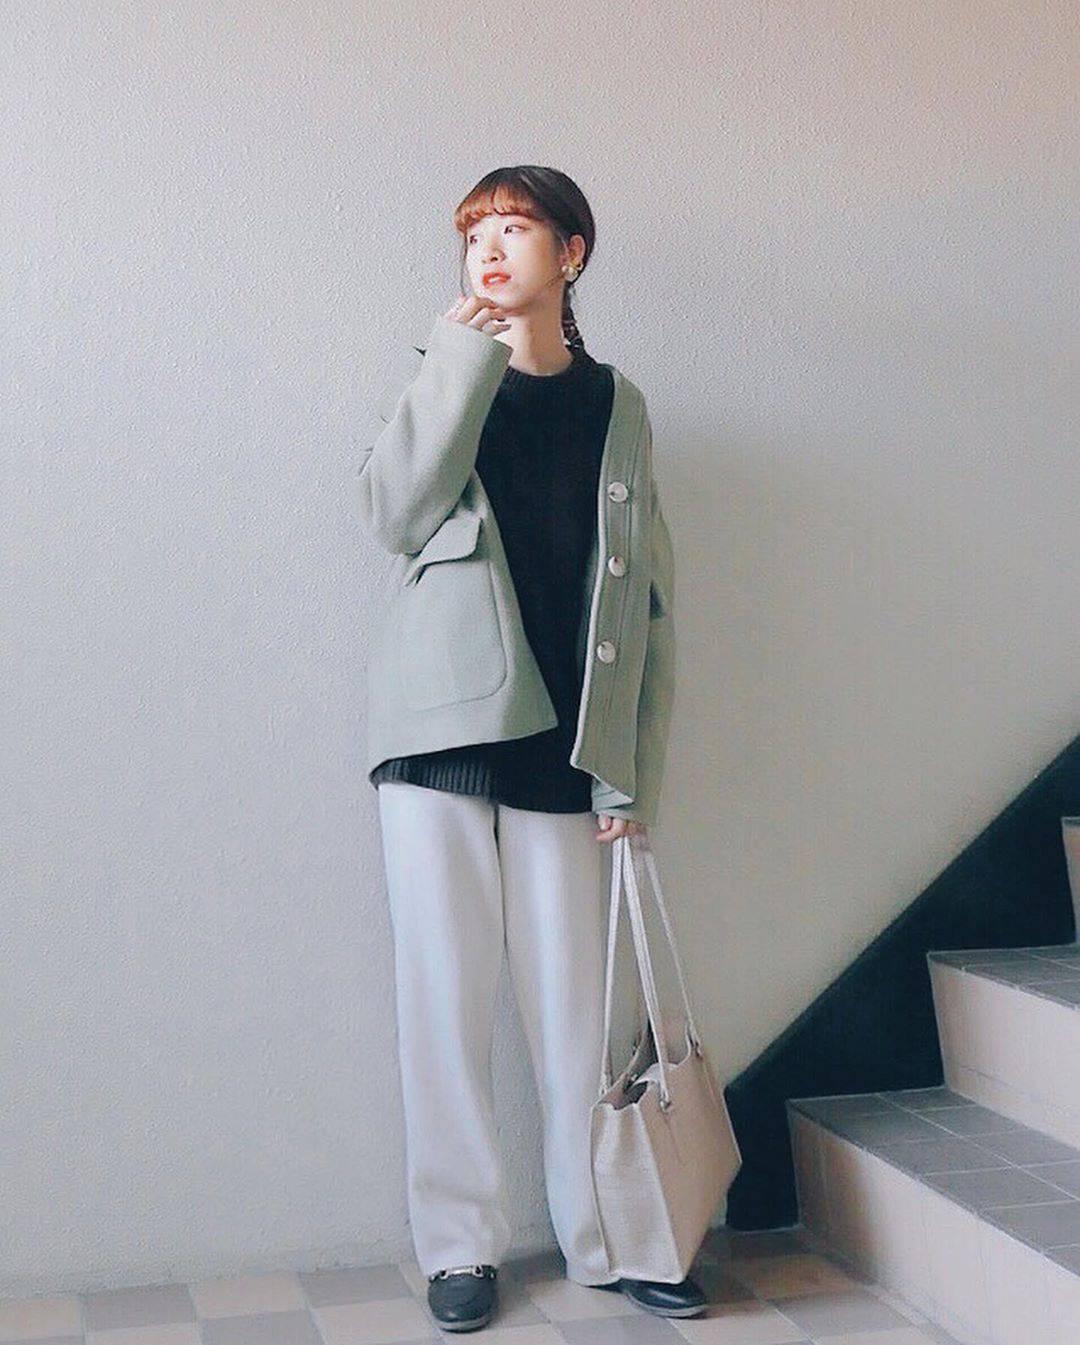 最高気温16度・最低気温6度 natsu_outfitsの服装